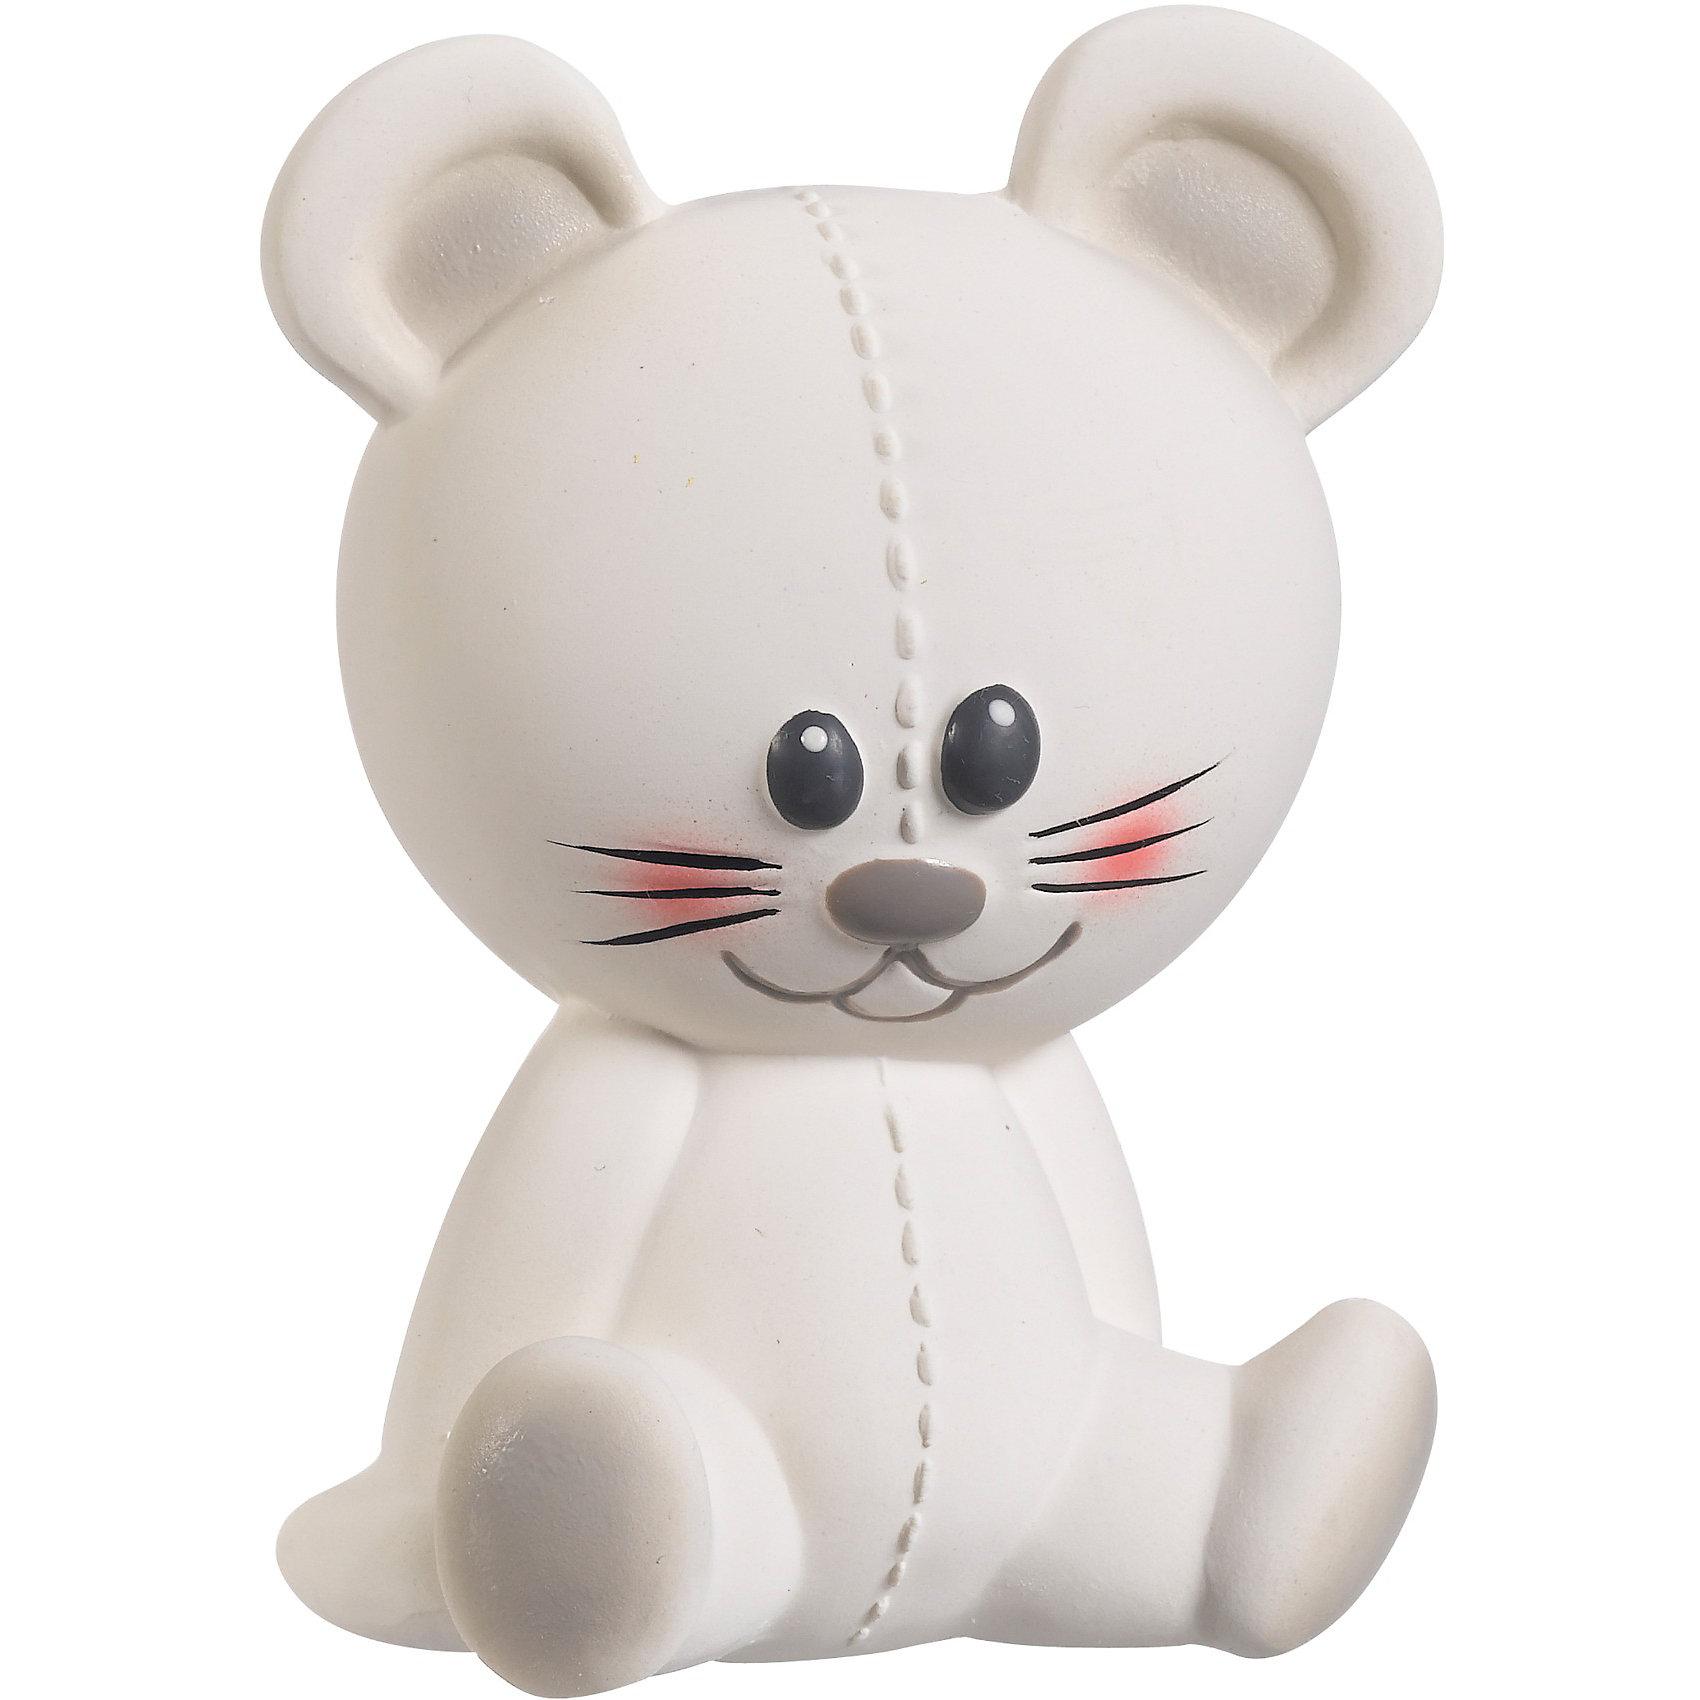 Развивающая игрушка Мышка Жозефина, VulliРазвивающая игрушка Мышка Жозефина от французской компании Vulli (Вулли) - это уникальная игрушка-прорезыватель, которая разработана ведущими педиатрами Франции. Ее отличительная особенность в том, что она помогает снимать воспаление с десен малыша, когда у него режутся зубки. Поверхность игрушки выполнена на основе специальной технологии SOFT TOUCH улучшает тактильные ощущения, что очень важно в первые годы жизни младенца. Когда малютка нажмет на Мышку Жозефину Vulli (Вулли), она произведет писк, который - способствует развитию слуха. Яркие контрастные краски, в которые выкрашены детали прорезывателя, развивают зрение малыша<br>натуральный аромат каучука стимулирует органы обоняния ребенка.<br><br>Дополнительная информация:<br><br>-  Игрушка изготовлена из натурального каучука<br>покрашена пищевой краской, абсолютно безопасной для ребенка;<br>- Игрушка имеет разные выпуклости, за которые малышу будет удобно ее держать и кусать; <br>- Если нажать на мышку, то он издаст писк, что будет помогать понимать причинно-следственную связь между действием и звуком;<br>- Размер игрушки: 12 х 17 х 8 см;<br>- Вес: 93 г. <br><br>Развивающую игрушку Мышку Жозефину, Vulli (Вулли) можно купить в нашем интернет-магазине.<br><br>Ширина мм: 120<br>Глубина мм: 80<br>Высота мм: 170<br>Вес г: 93<br>Возраст от месяцев: 0<br>Возраст до месяцев: 36<br>Пол: Унисекс<br>Возраст: Детский<br>SKU: 3548838